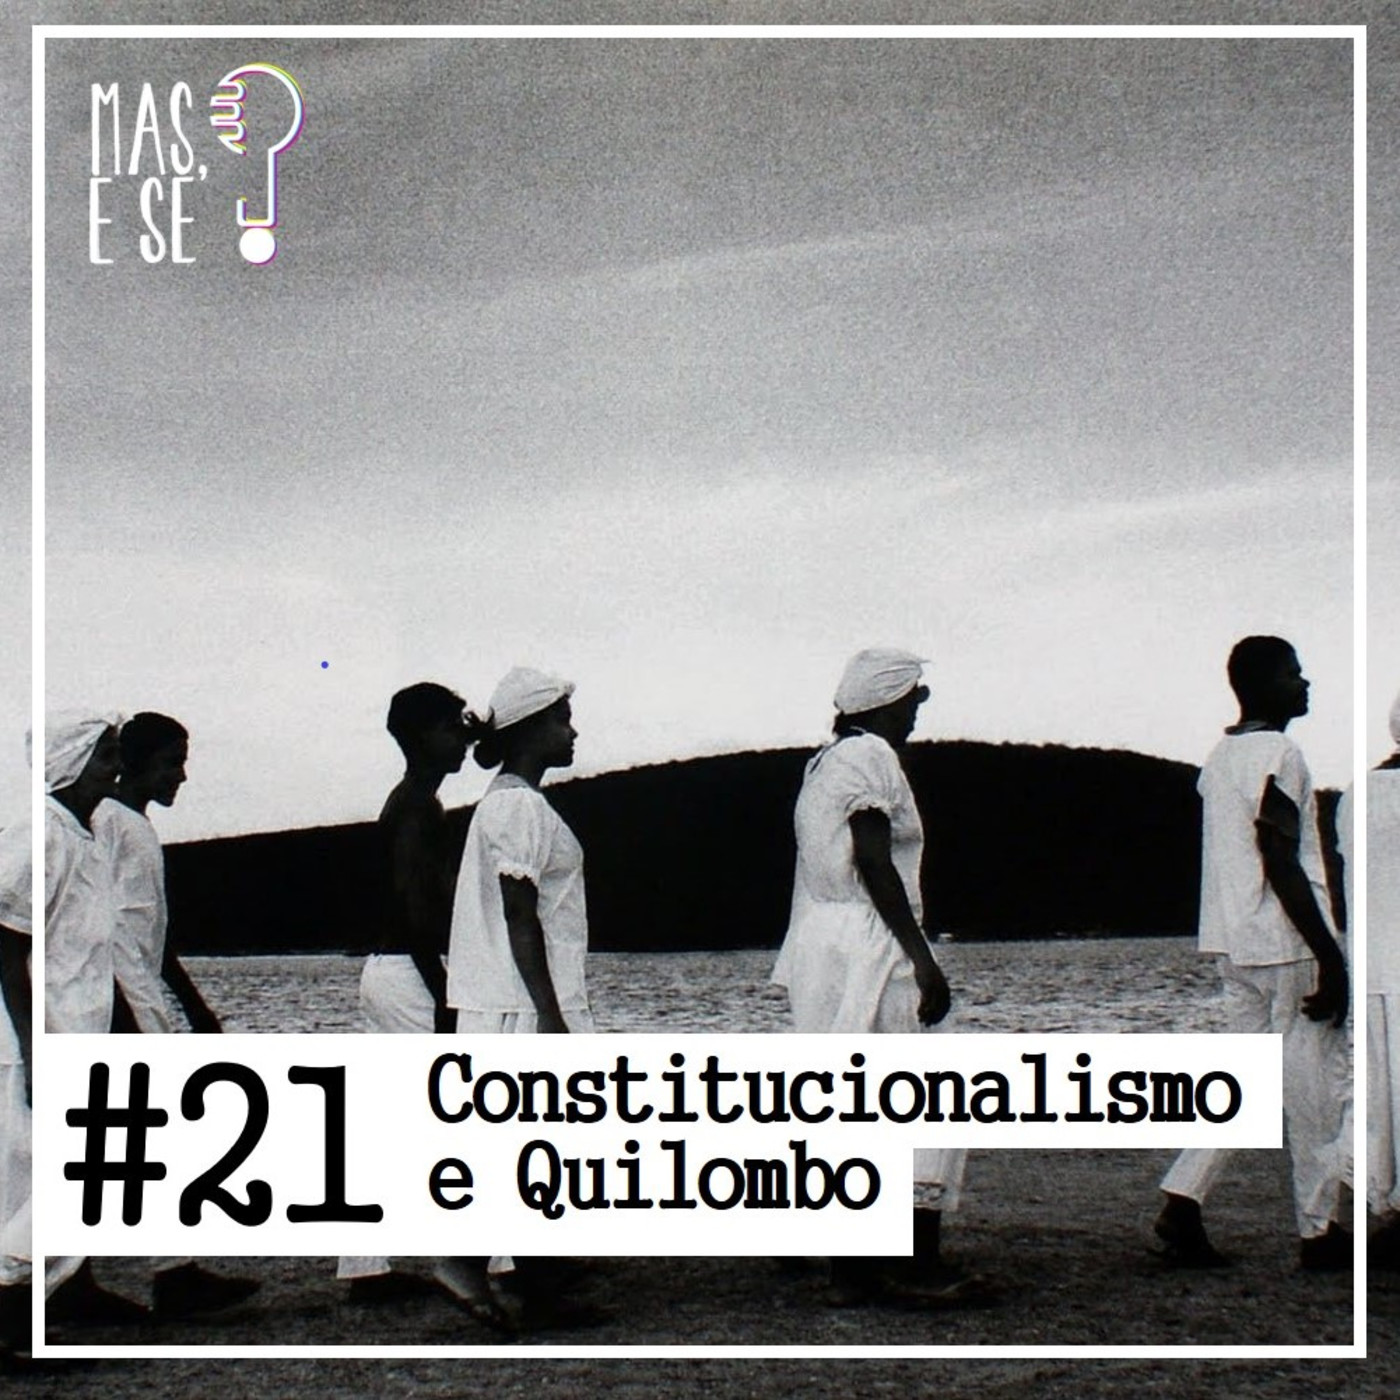 Mas e se? #21 - Constitucionalismo e Quilombo